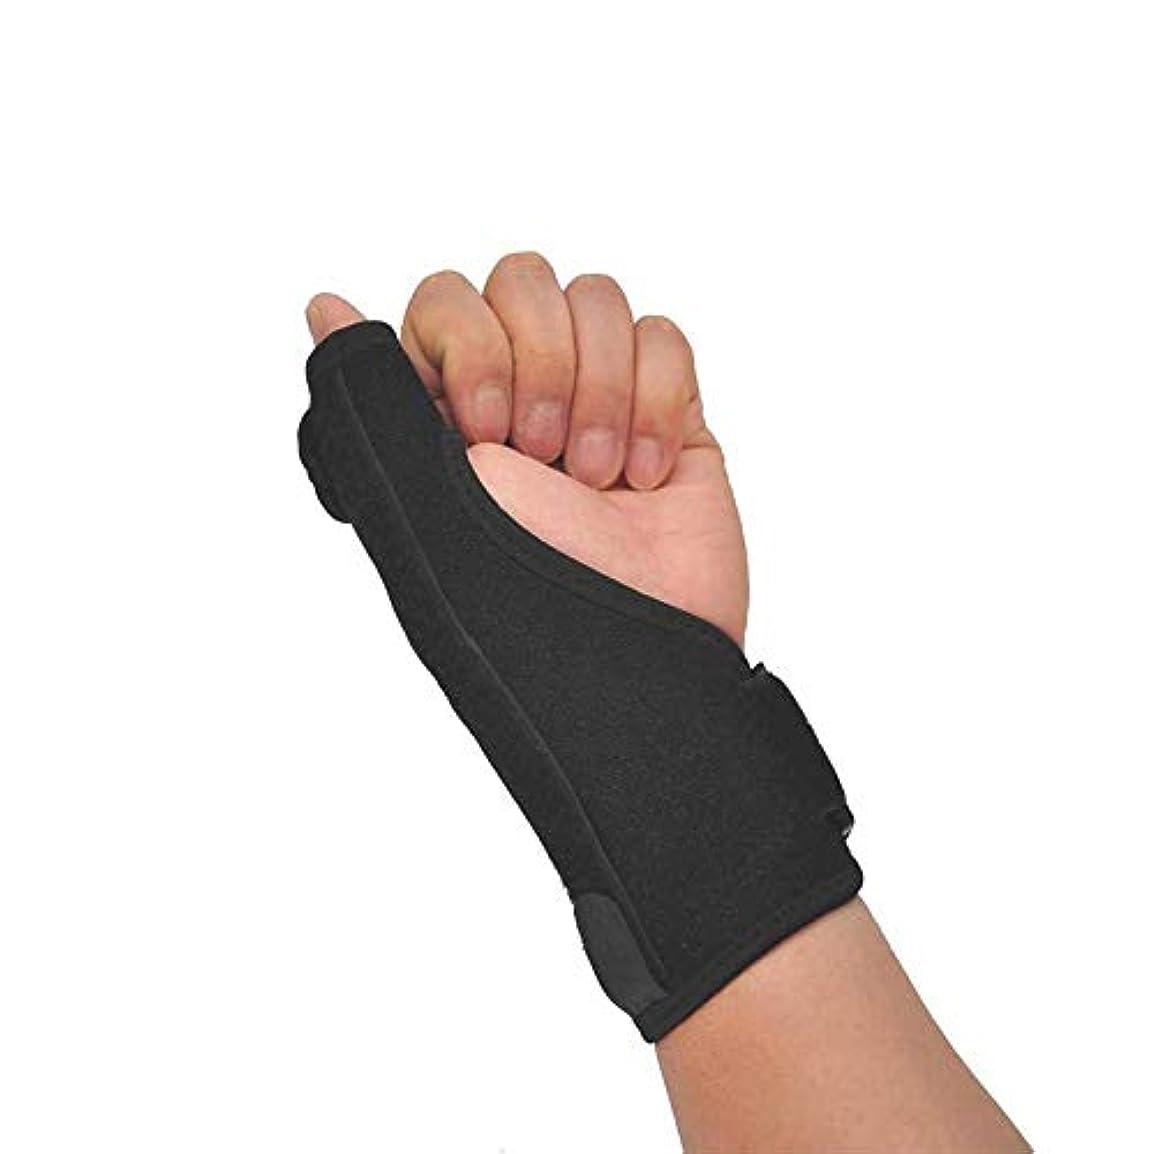 溶かす好意横にZYL-YL ブレーサーハンドサポートばね鋼バーサムシース捻挫保護具ハンドスプリント (Edition : Right)